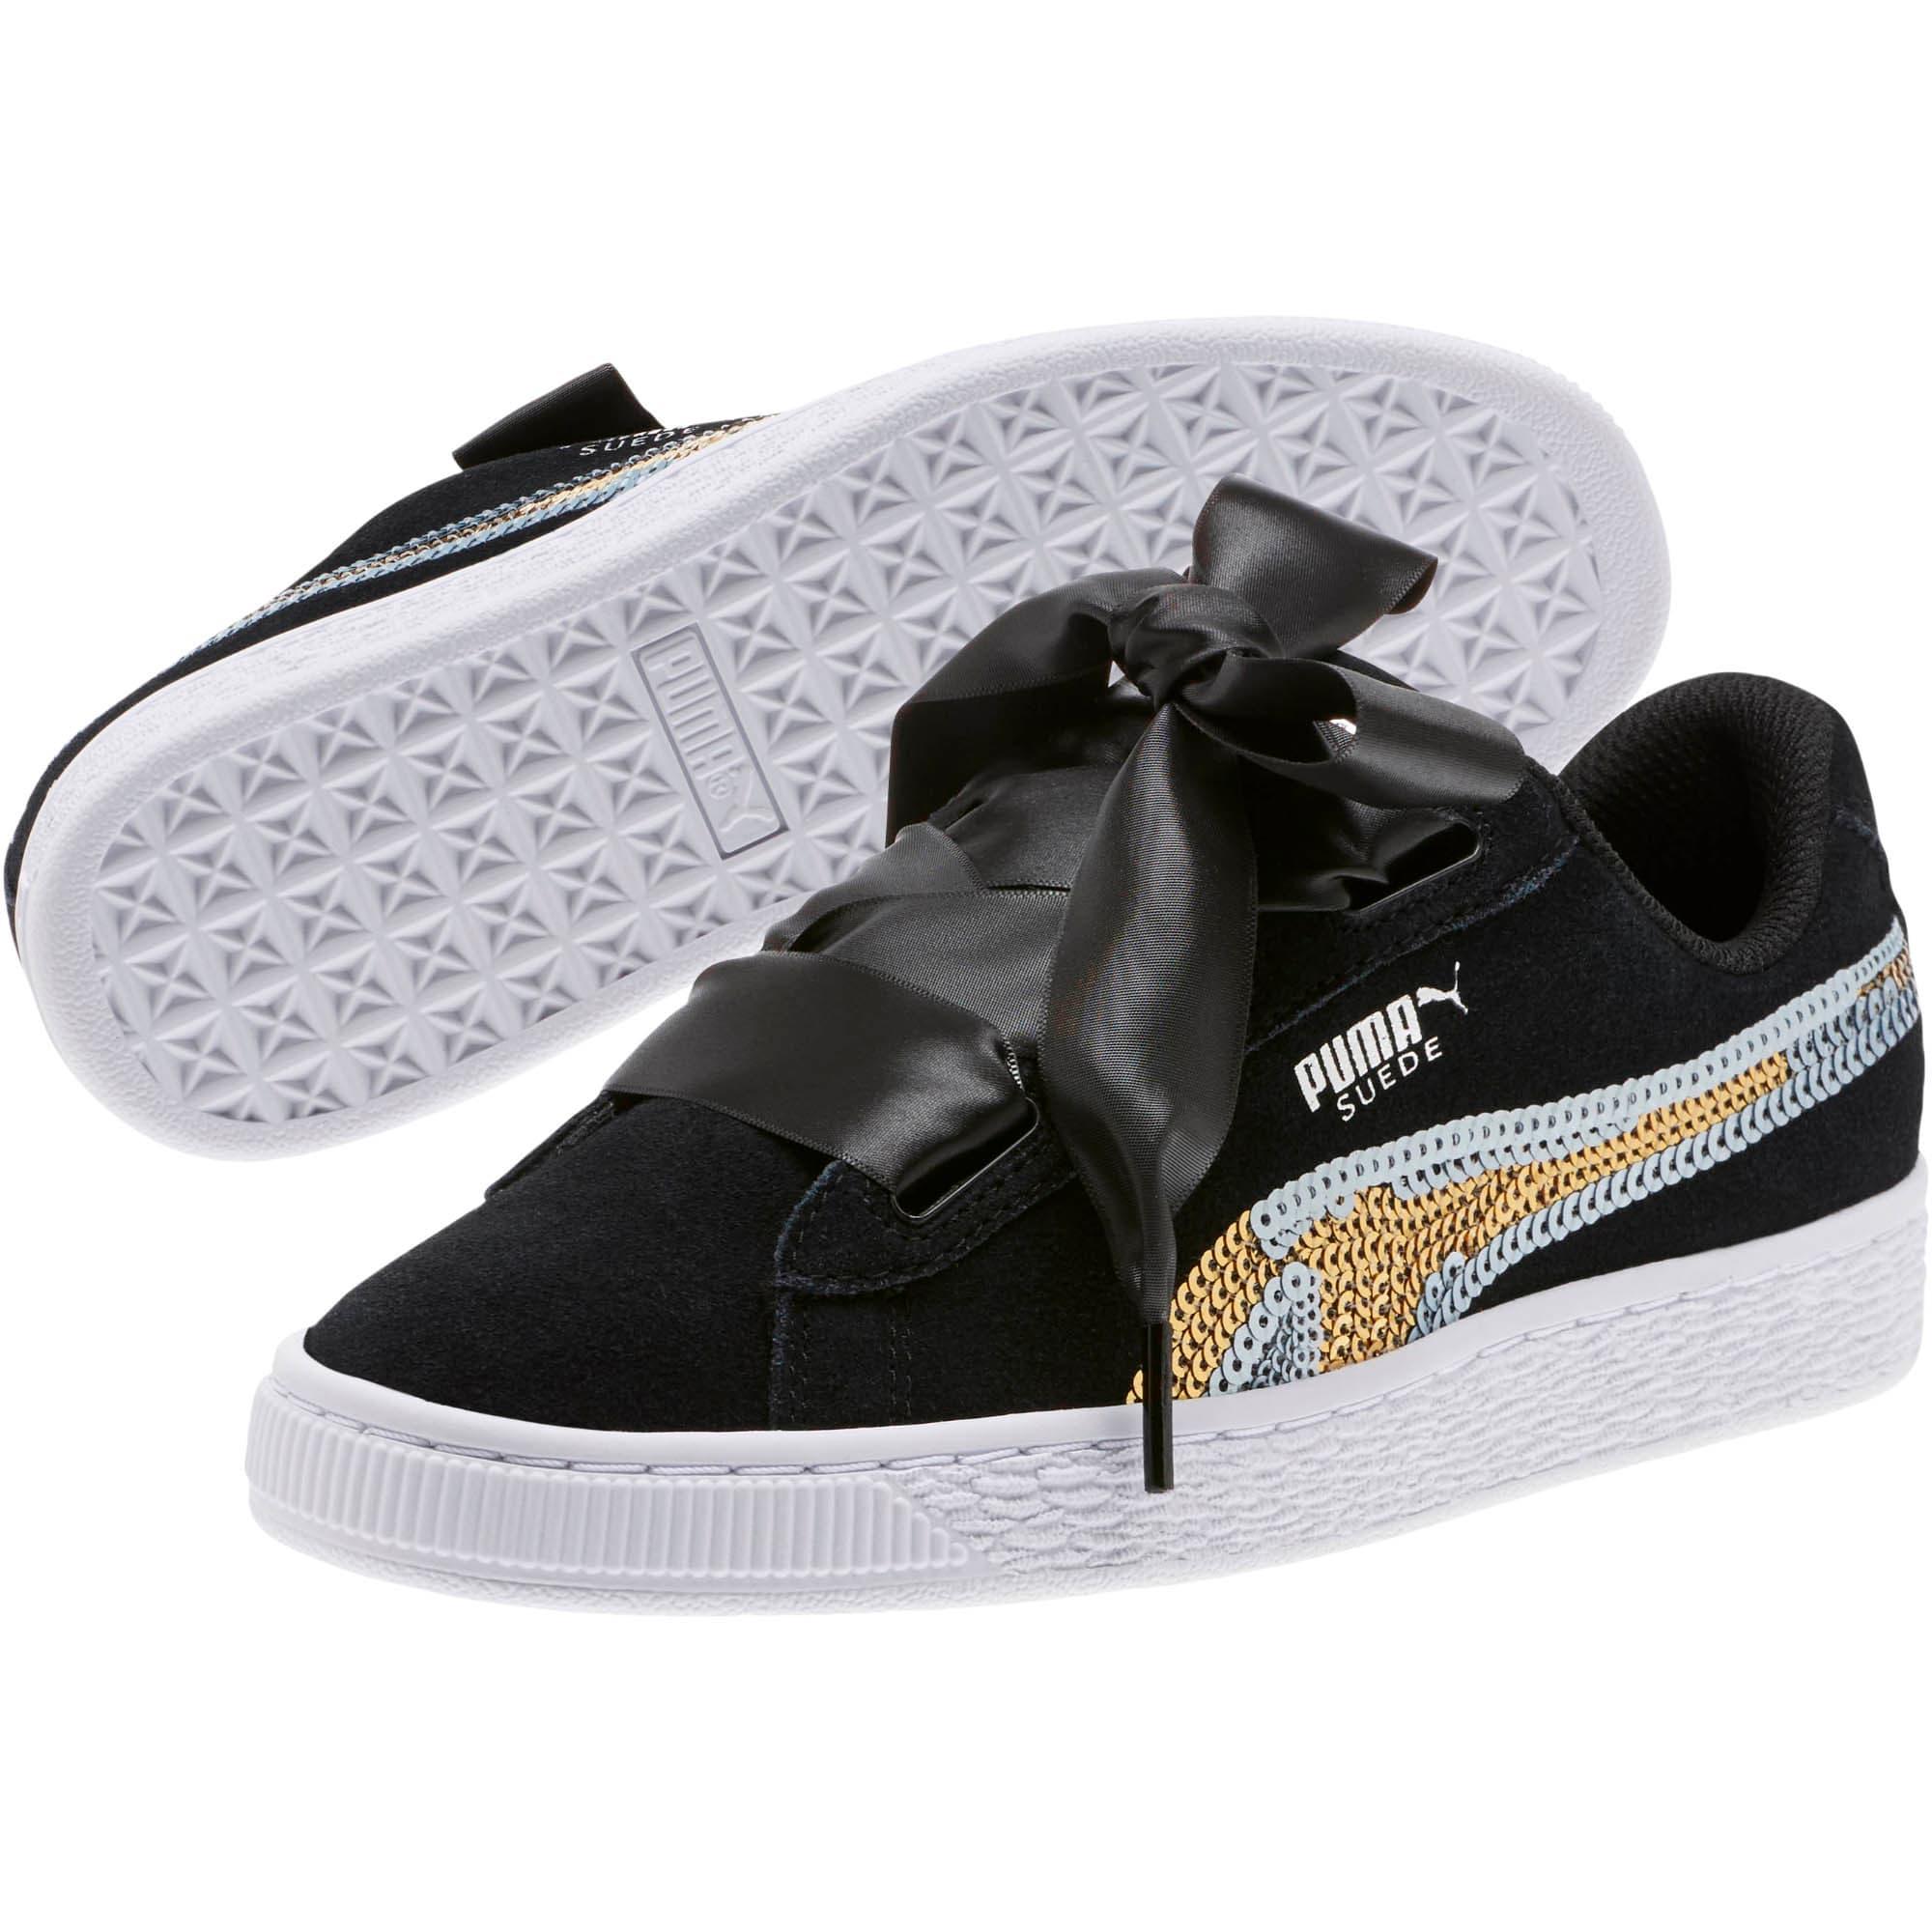 Miniatura 2 de Zapatos deportivos con lentejuelasSuede Heart Trailblazer JR, Puma Black-Puma Team Gold, mediano